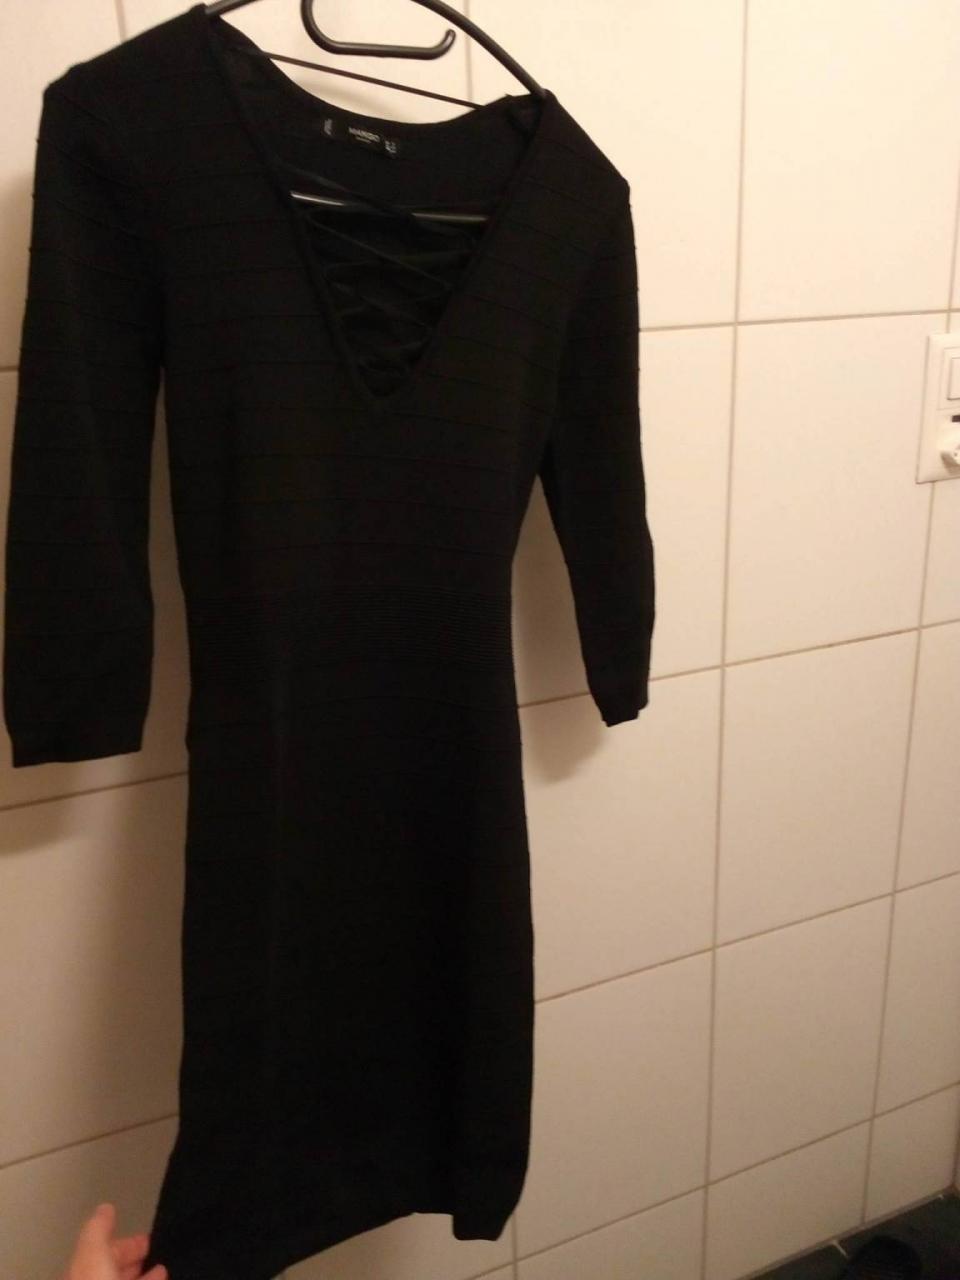 Robes-Robe-pour-soiree-moulante-tres-jolie-taille-s-de-c3